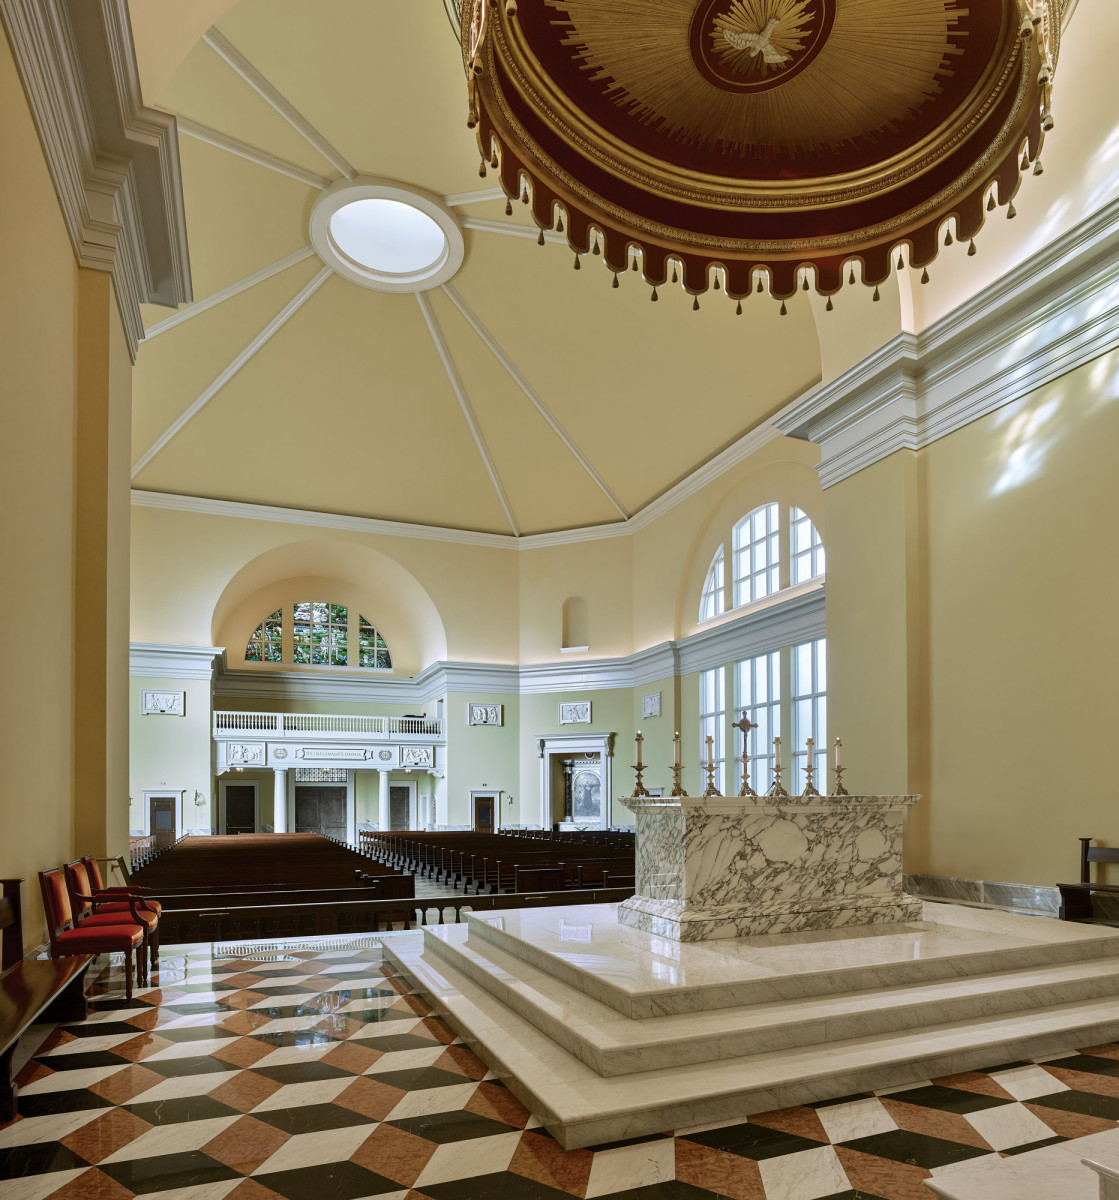 Carrara marble predella